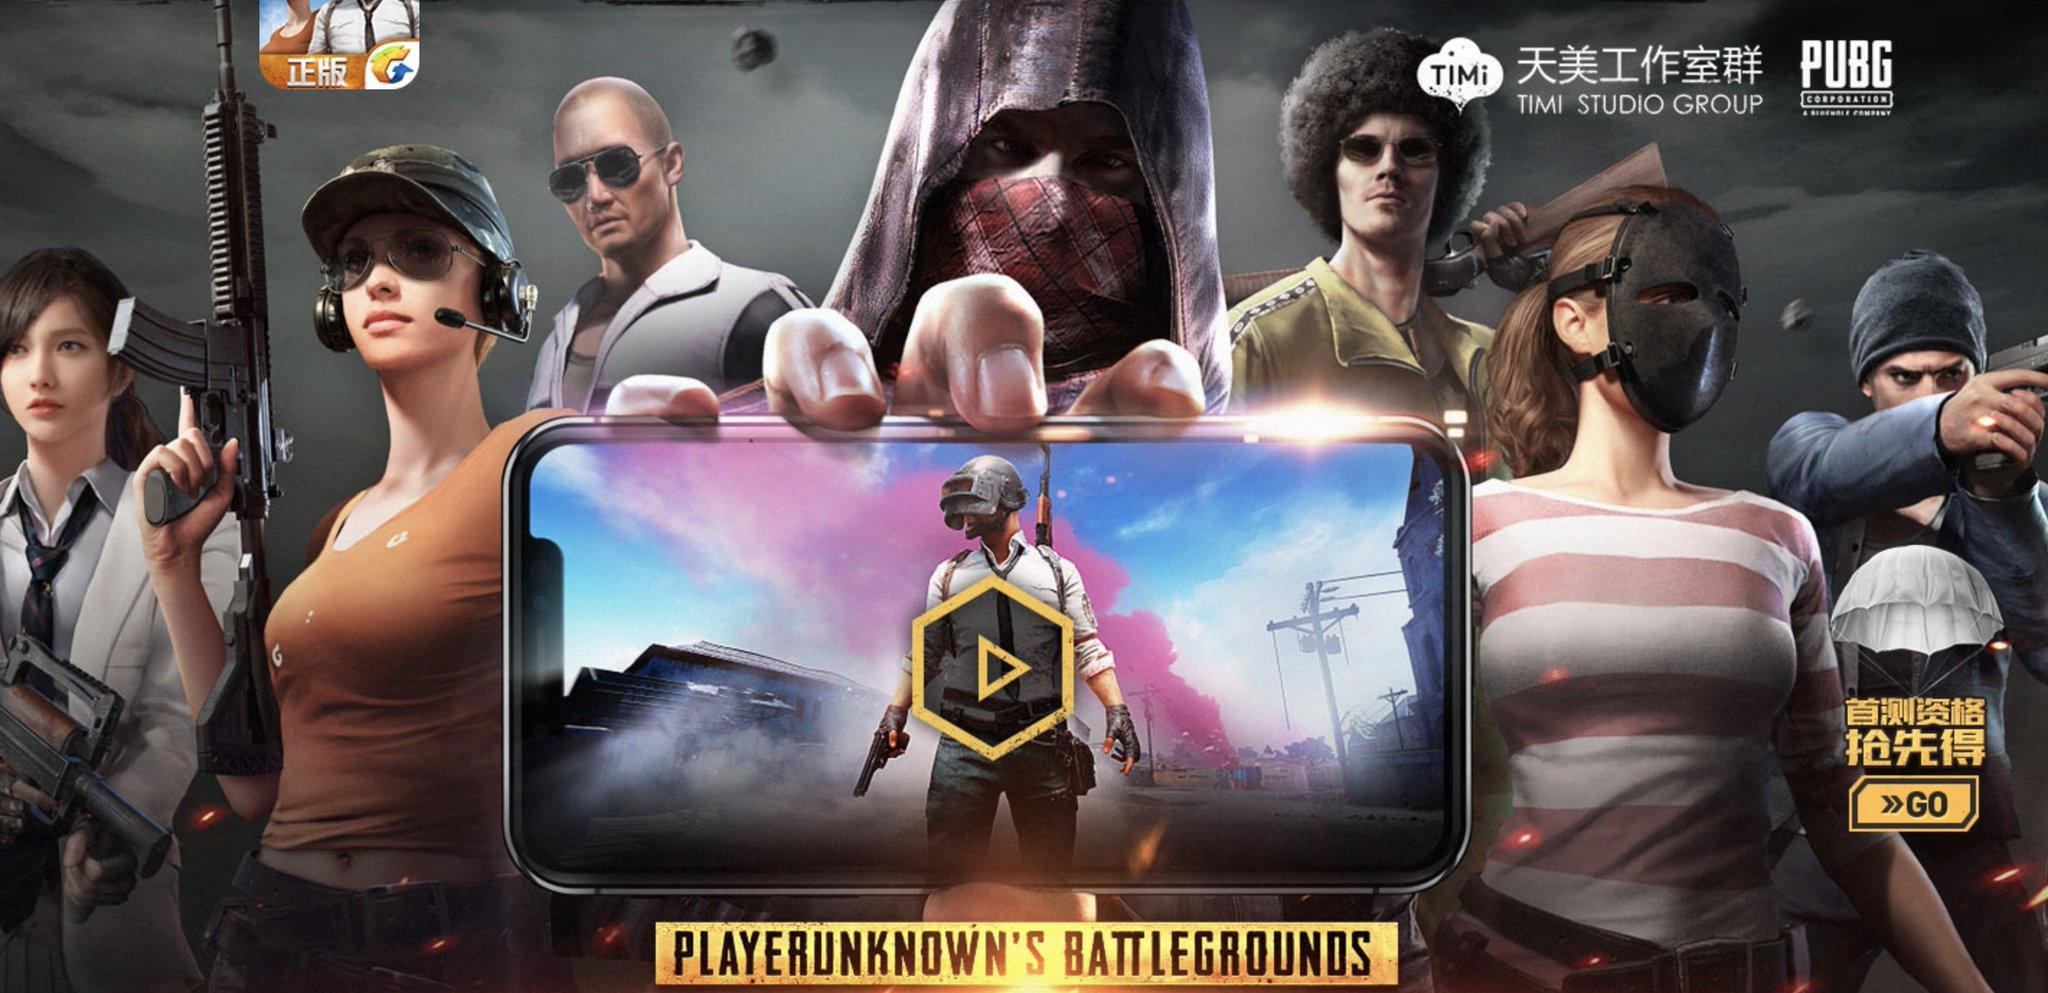 Clones De Playerunknown S Battlegrounds Que Arrasan En: PlayerUnknown's Battlegrounds (PUBG) Présente Ses Deux